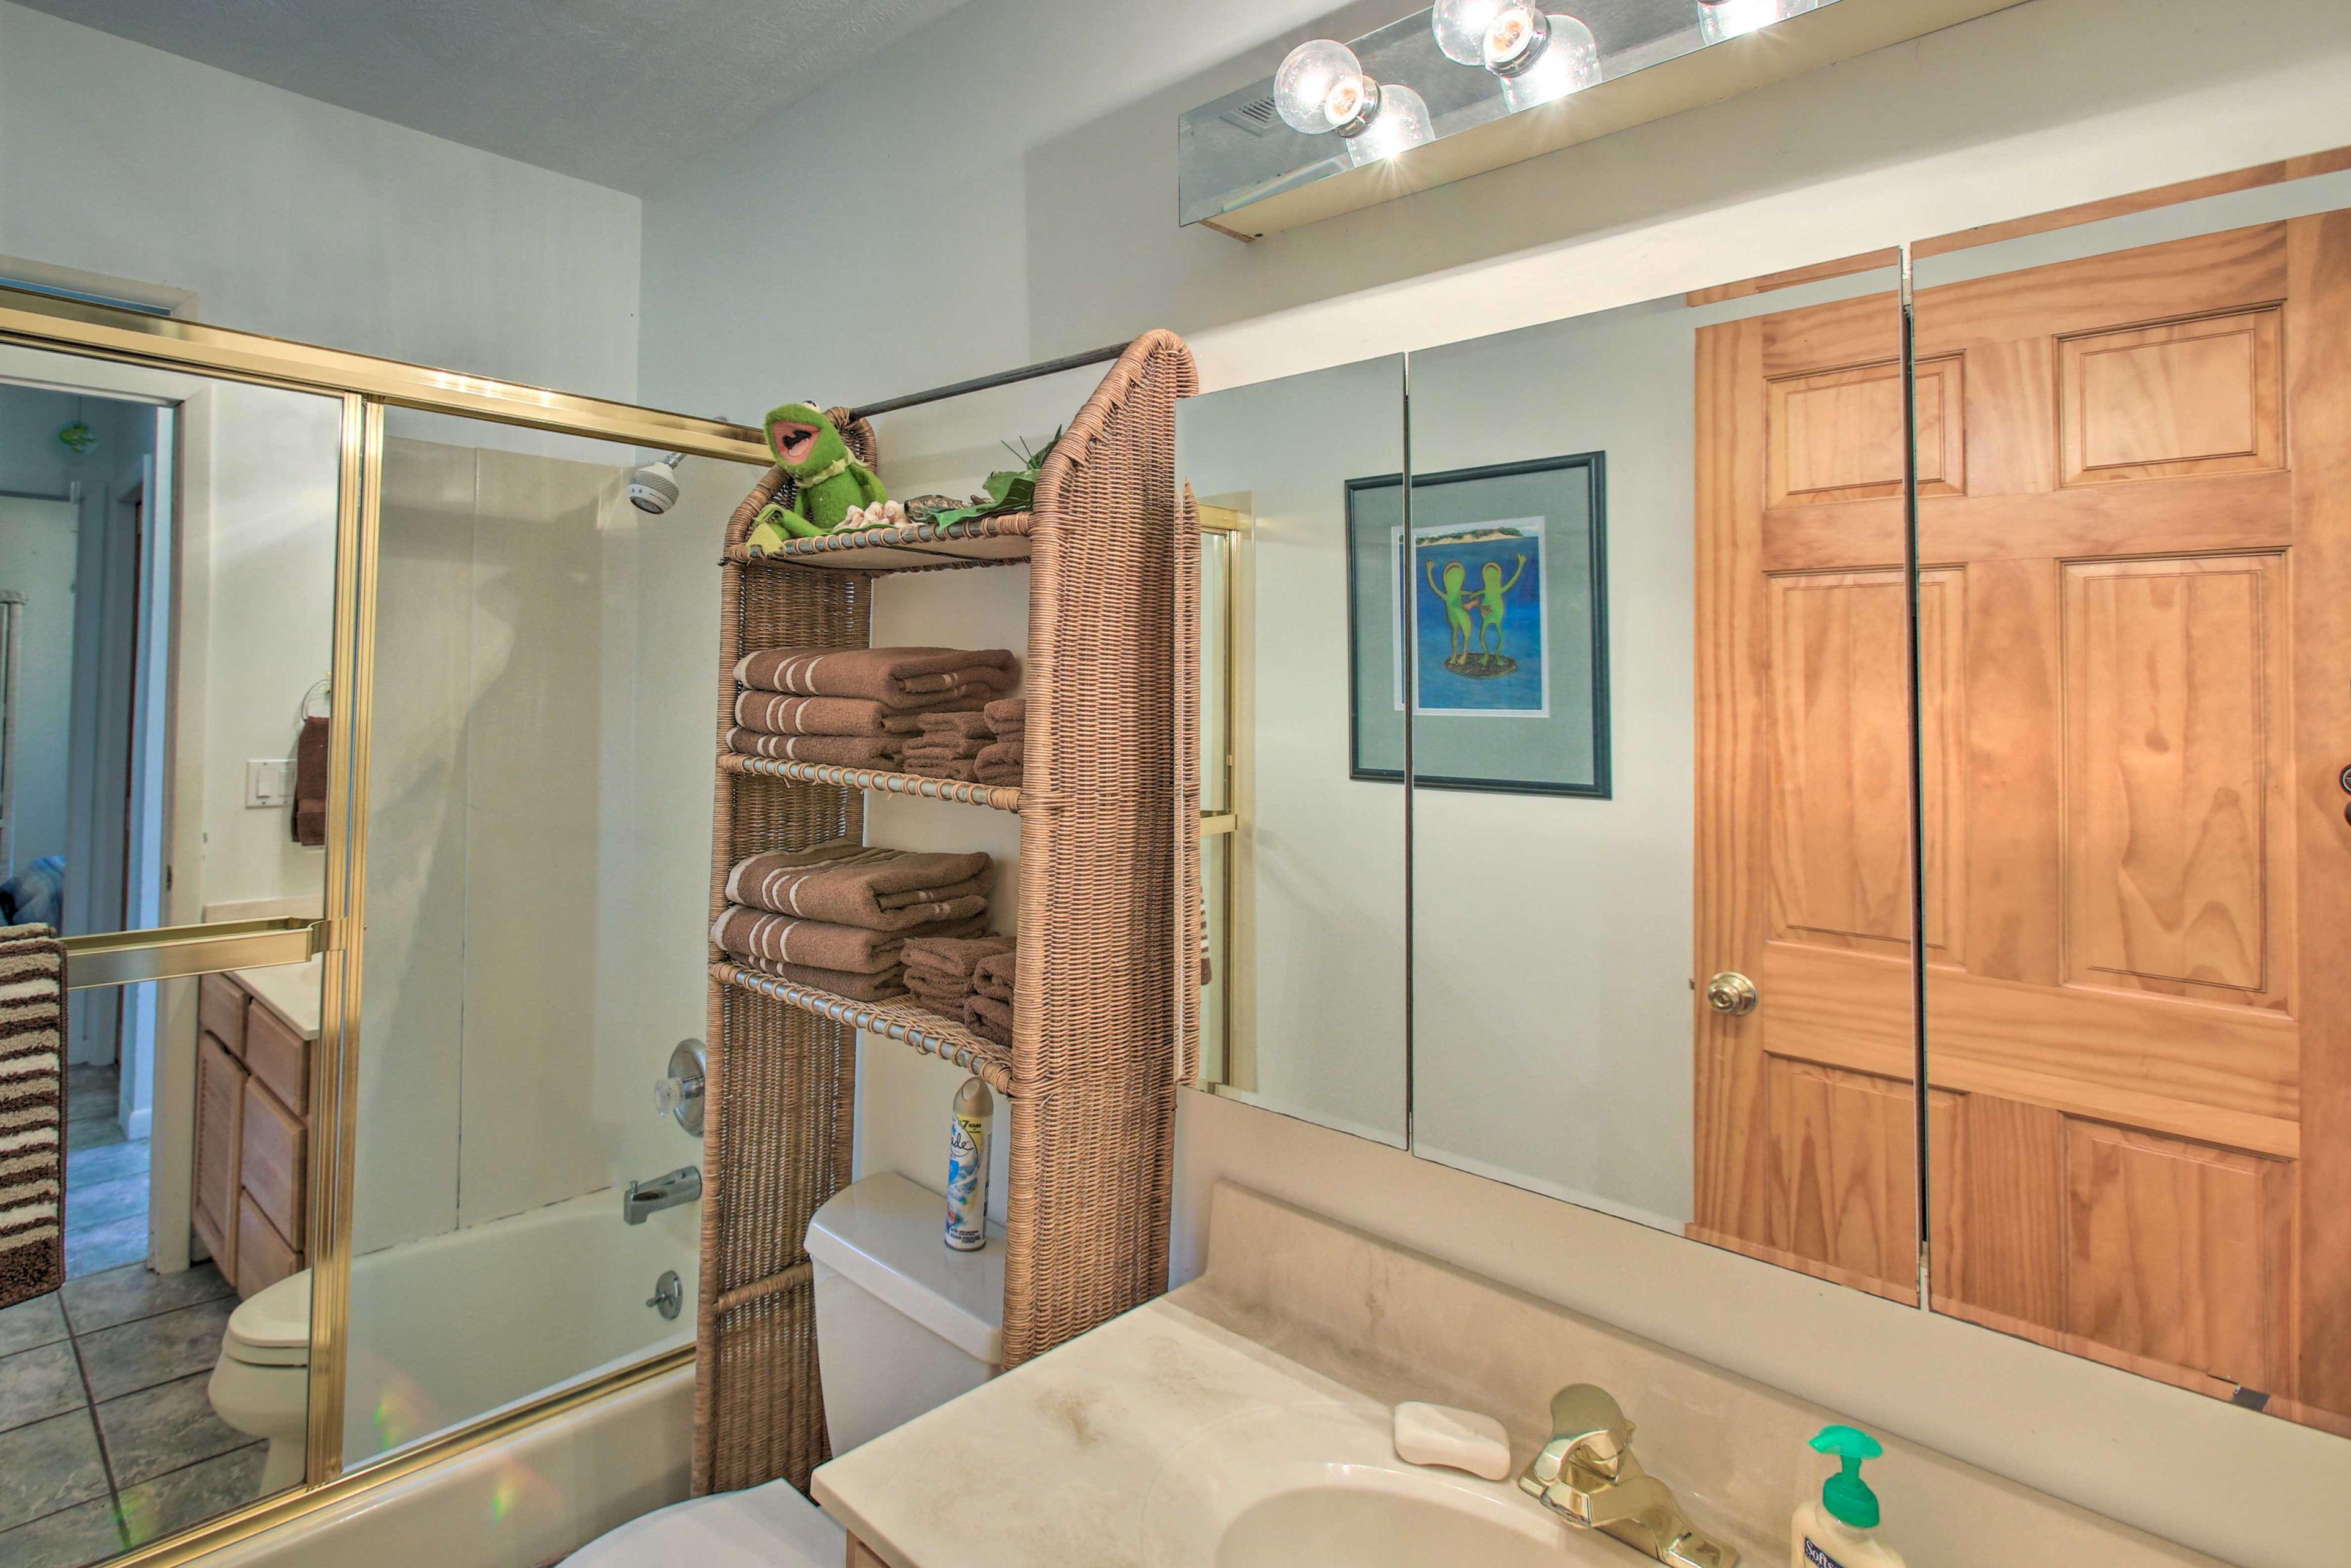 The cabin has 1 pristine bathroom.